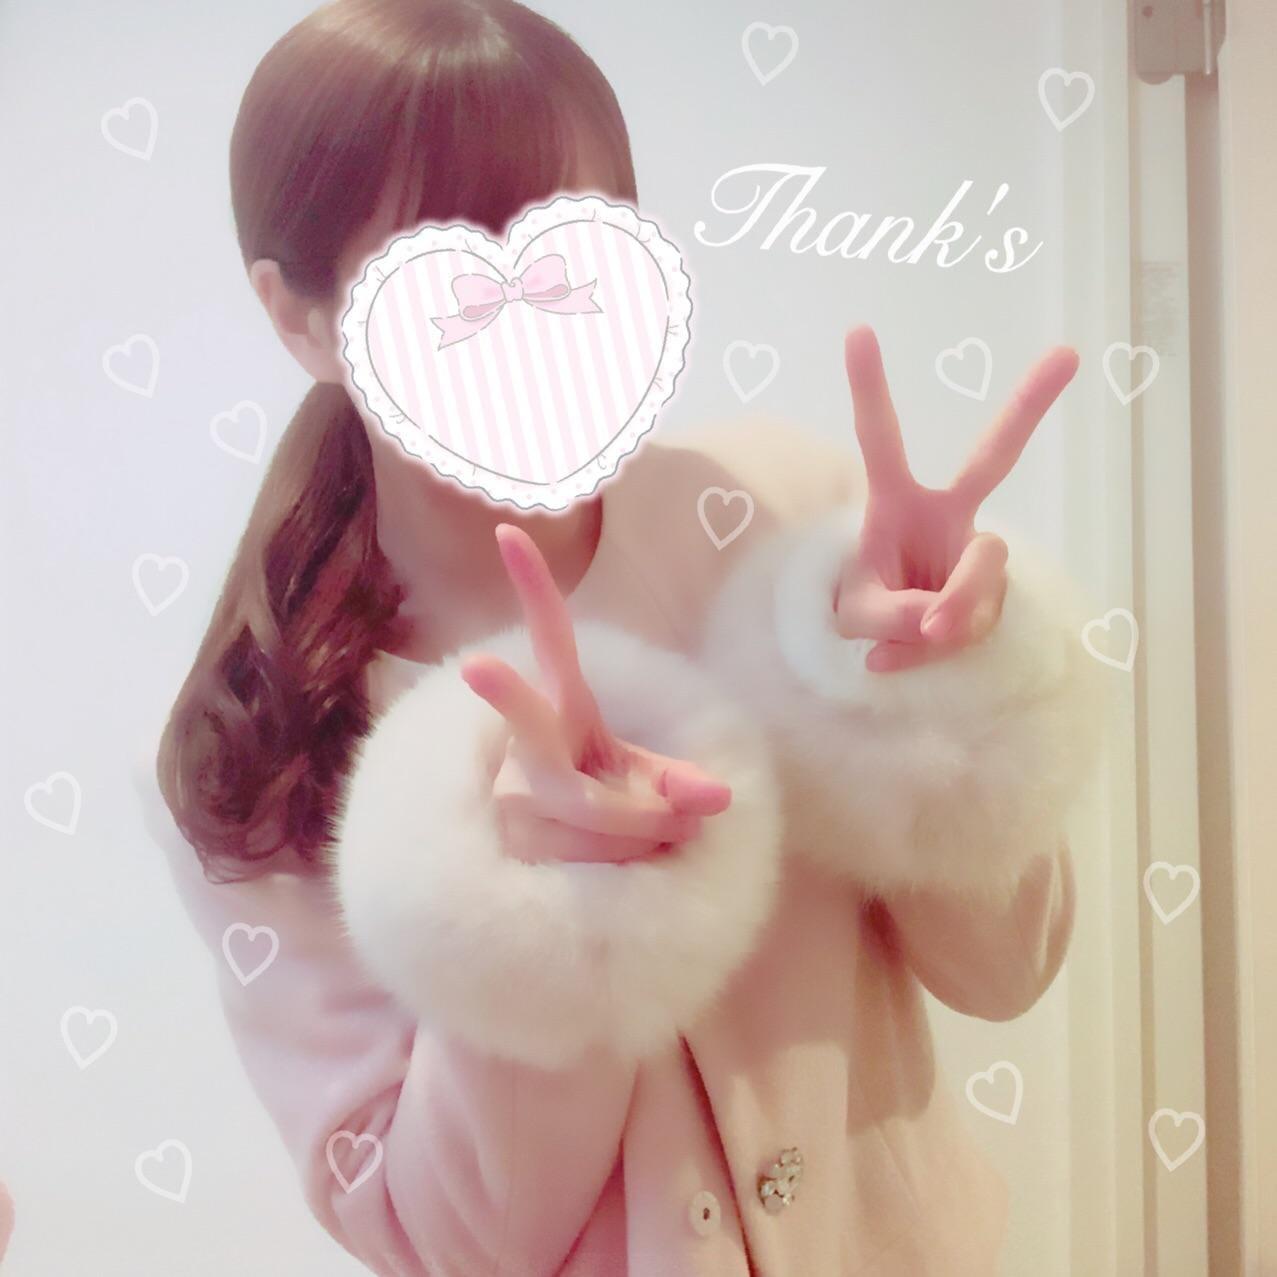 「ありがとうございました?」01/22(火) 22:07 | ひめかFACEの可愛いアイドルの写メ・風俗動画